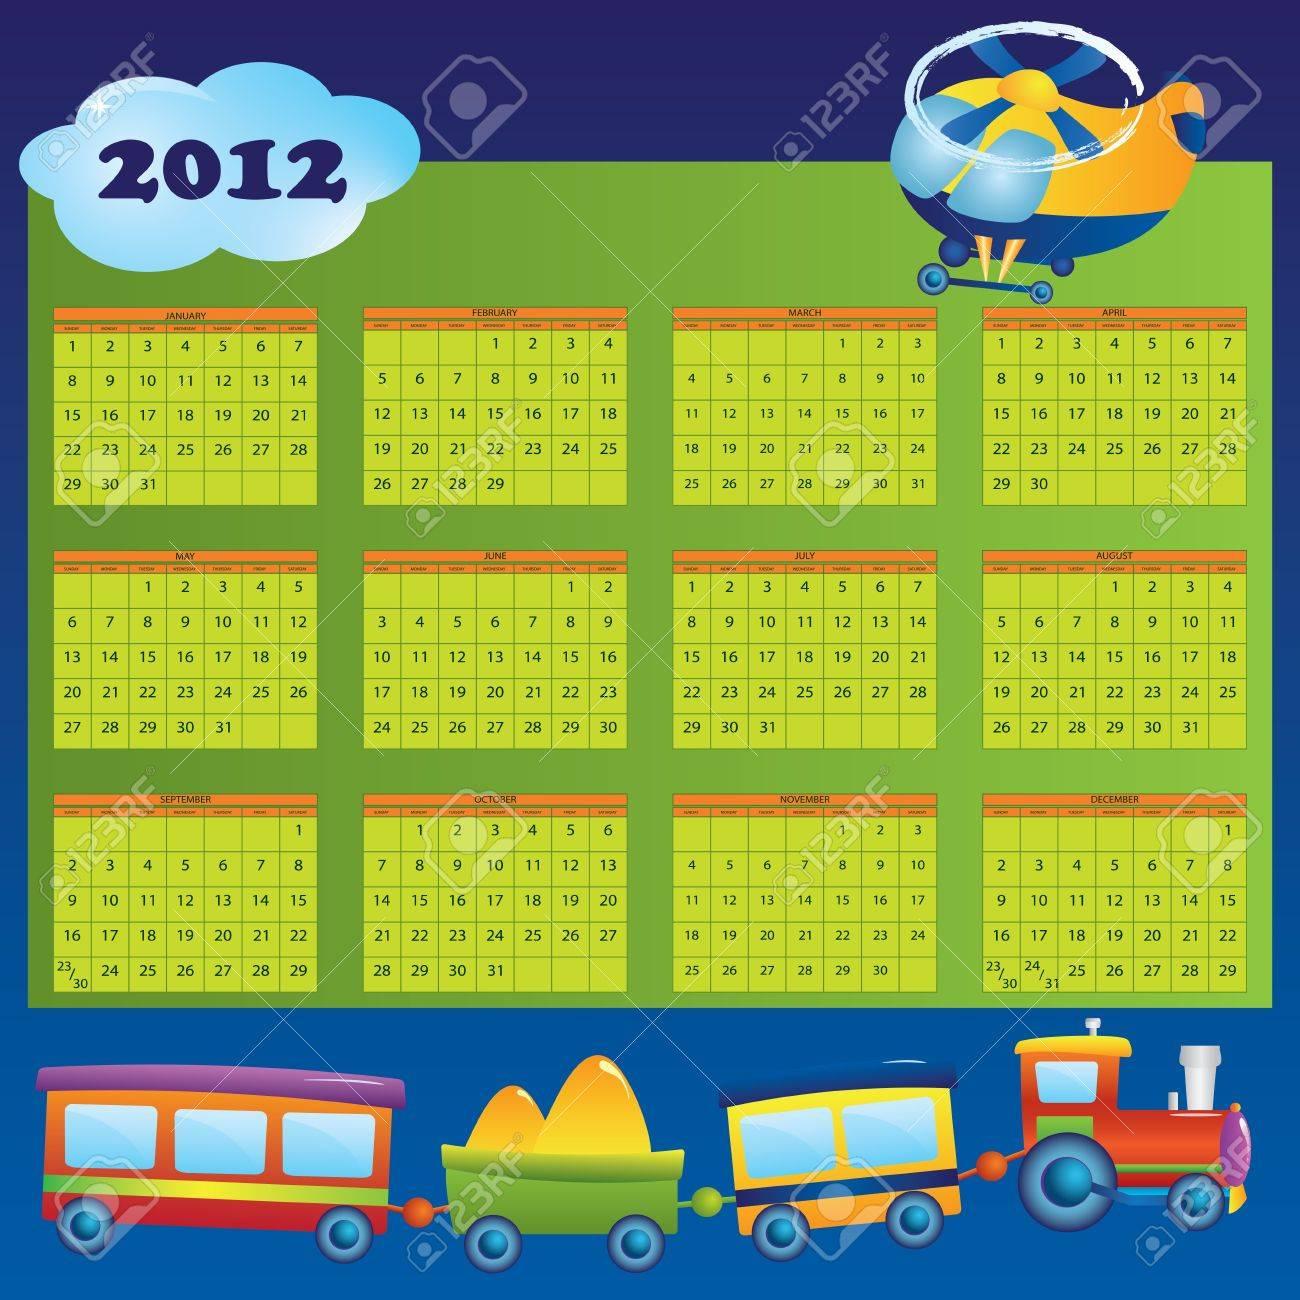 Année 2012 Calendrier Pour Les Enfants. Premier Jour Du Début De La Semaine  Le Dimanche. avec Calendrier Enfant Semaine